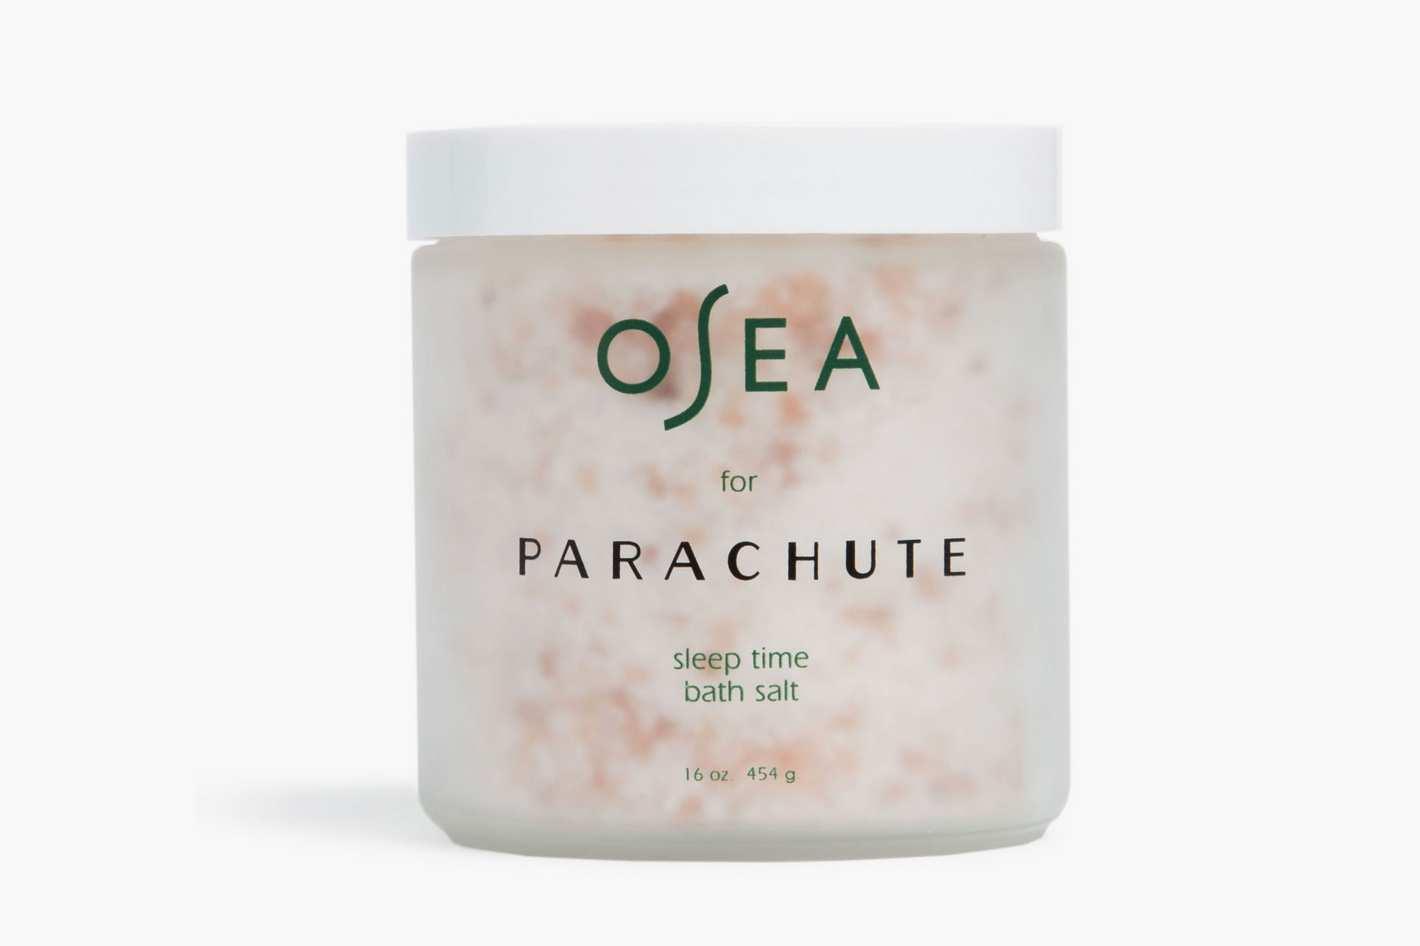 OSEA for Parachute Sleep Time Bath Salt